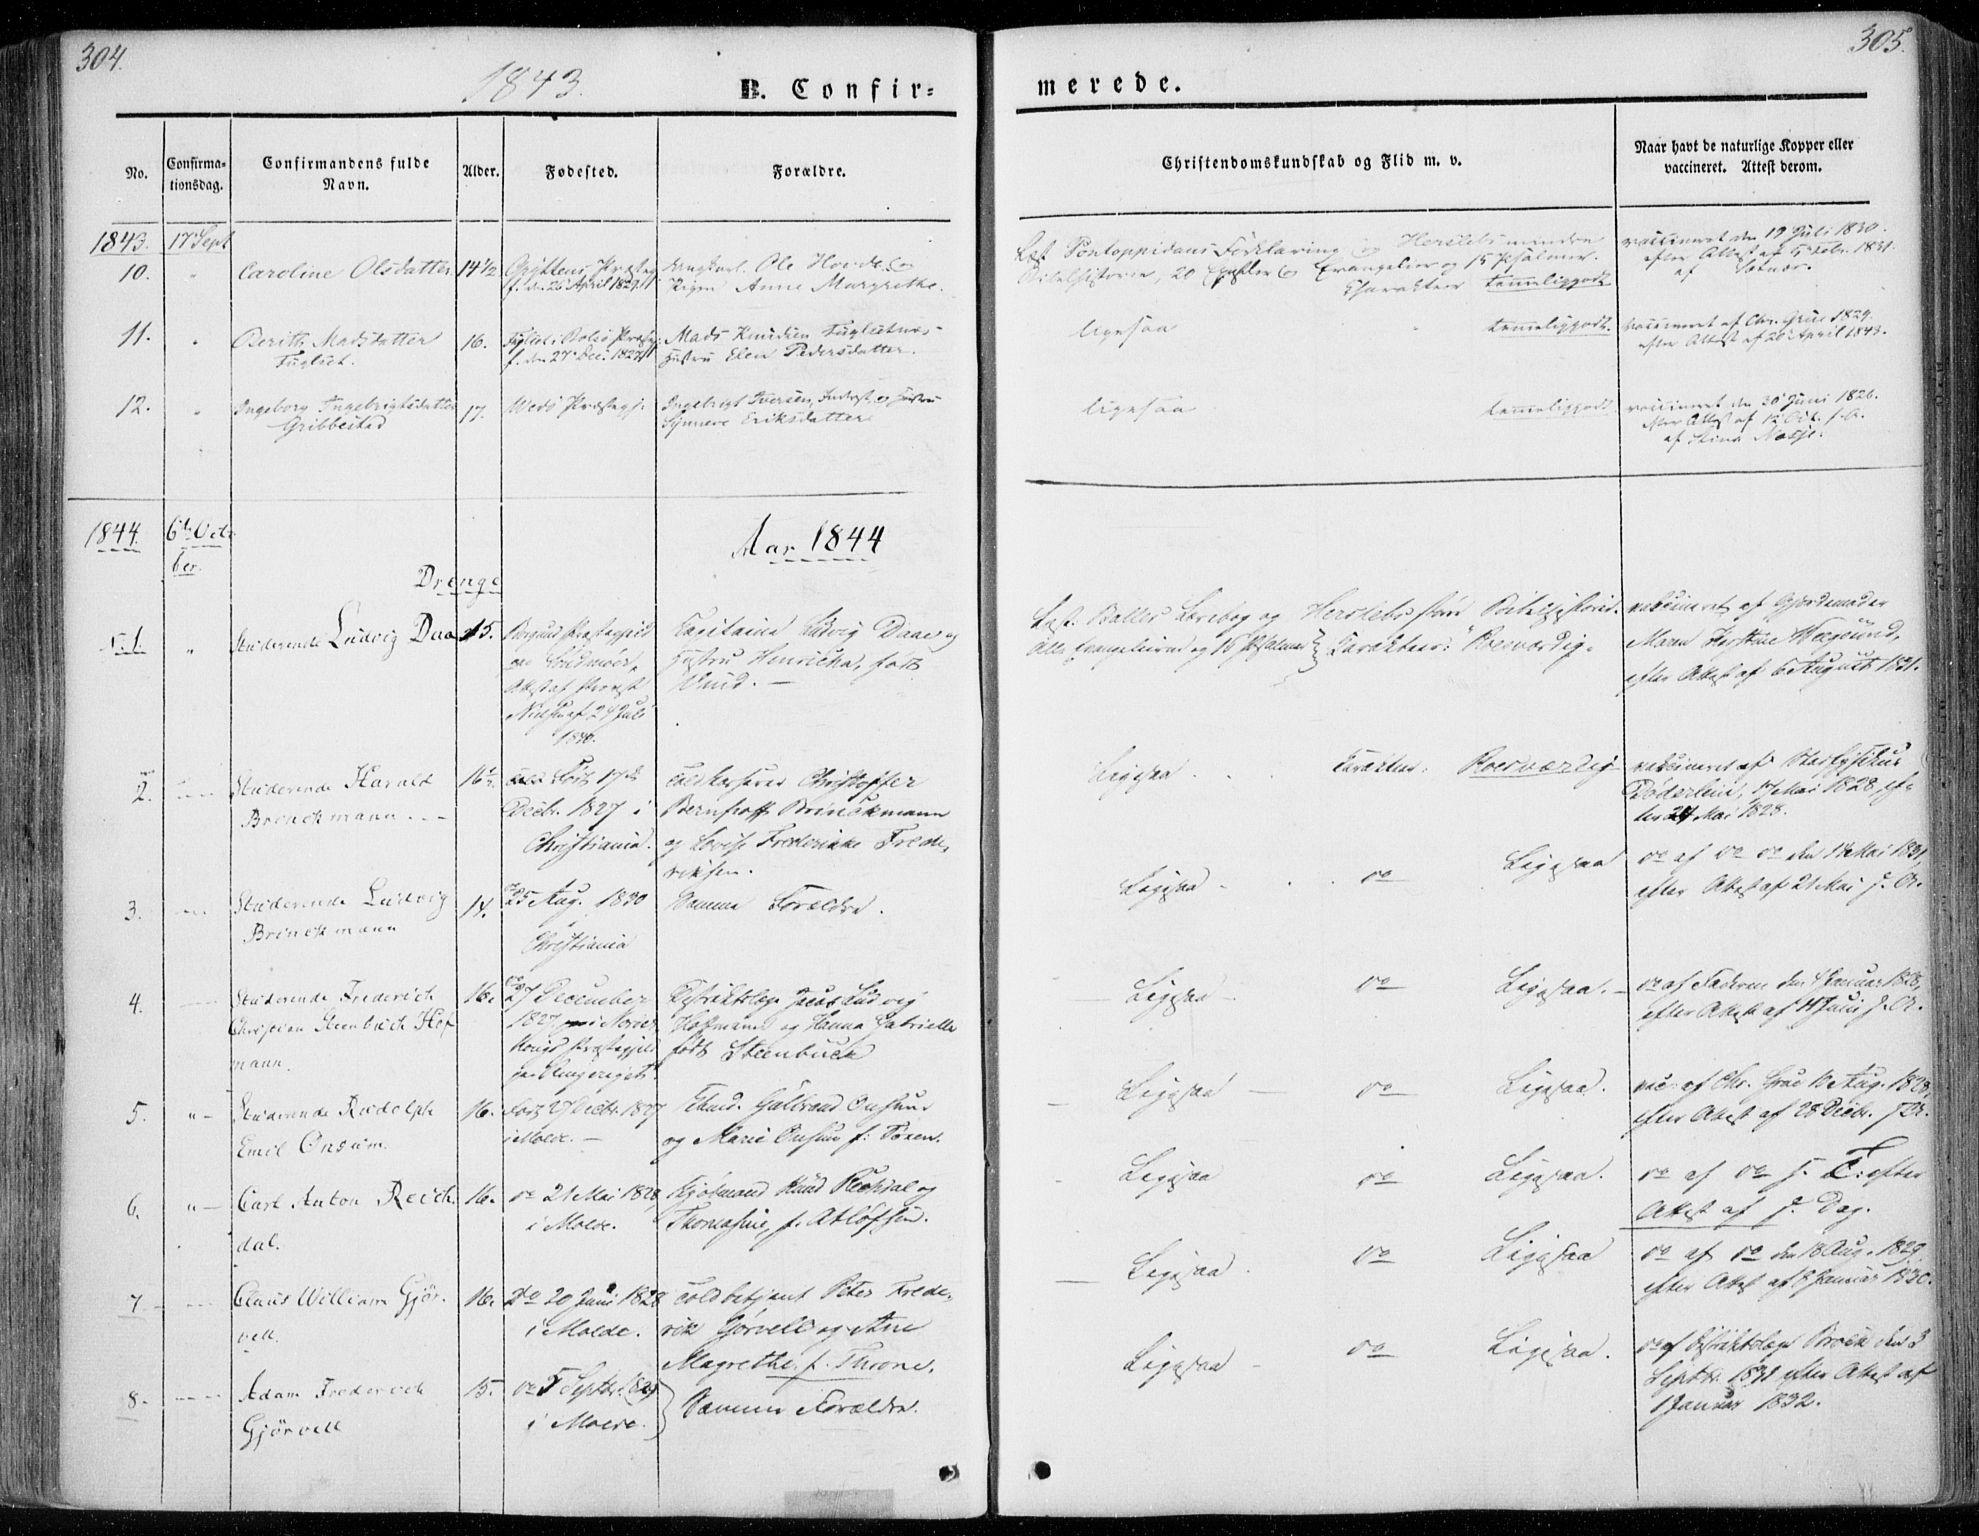 SAT, Ministerialprotokoller, klokkerbøker og fødselsregistre - Møre og Romsdal, 558/L0689: Ministerialbok nr. 558A03, 1843-1872, s. 304-305